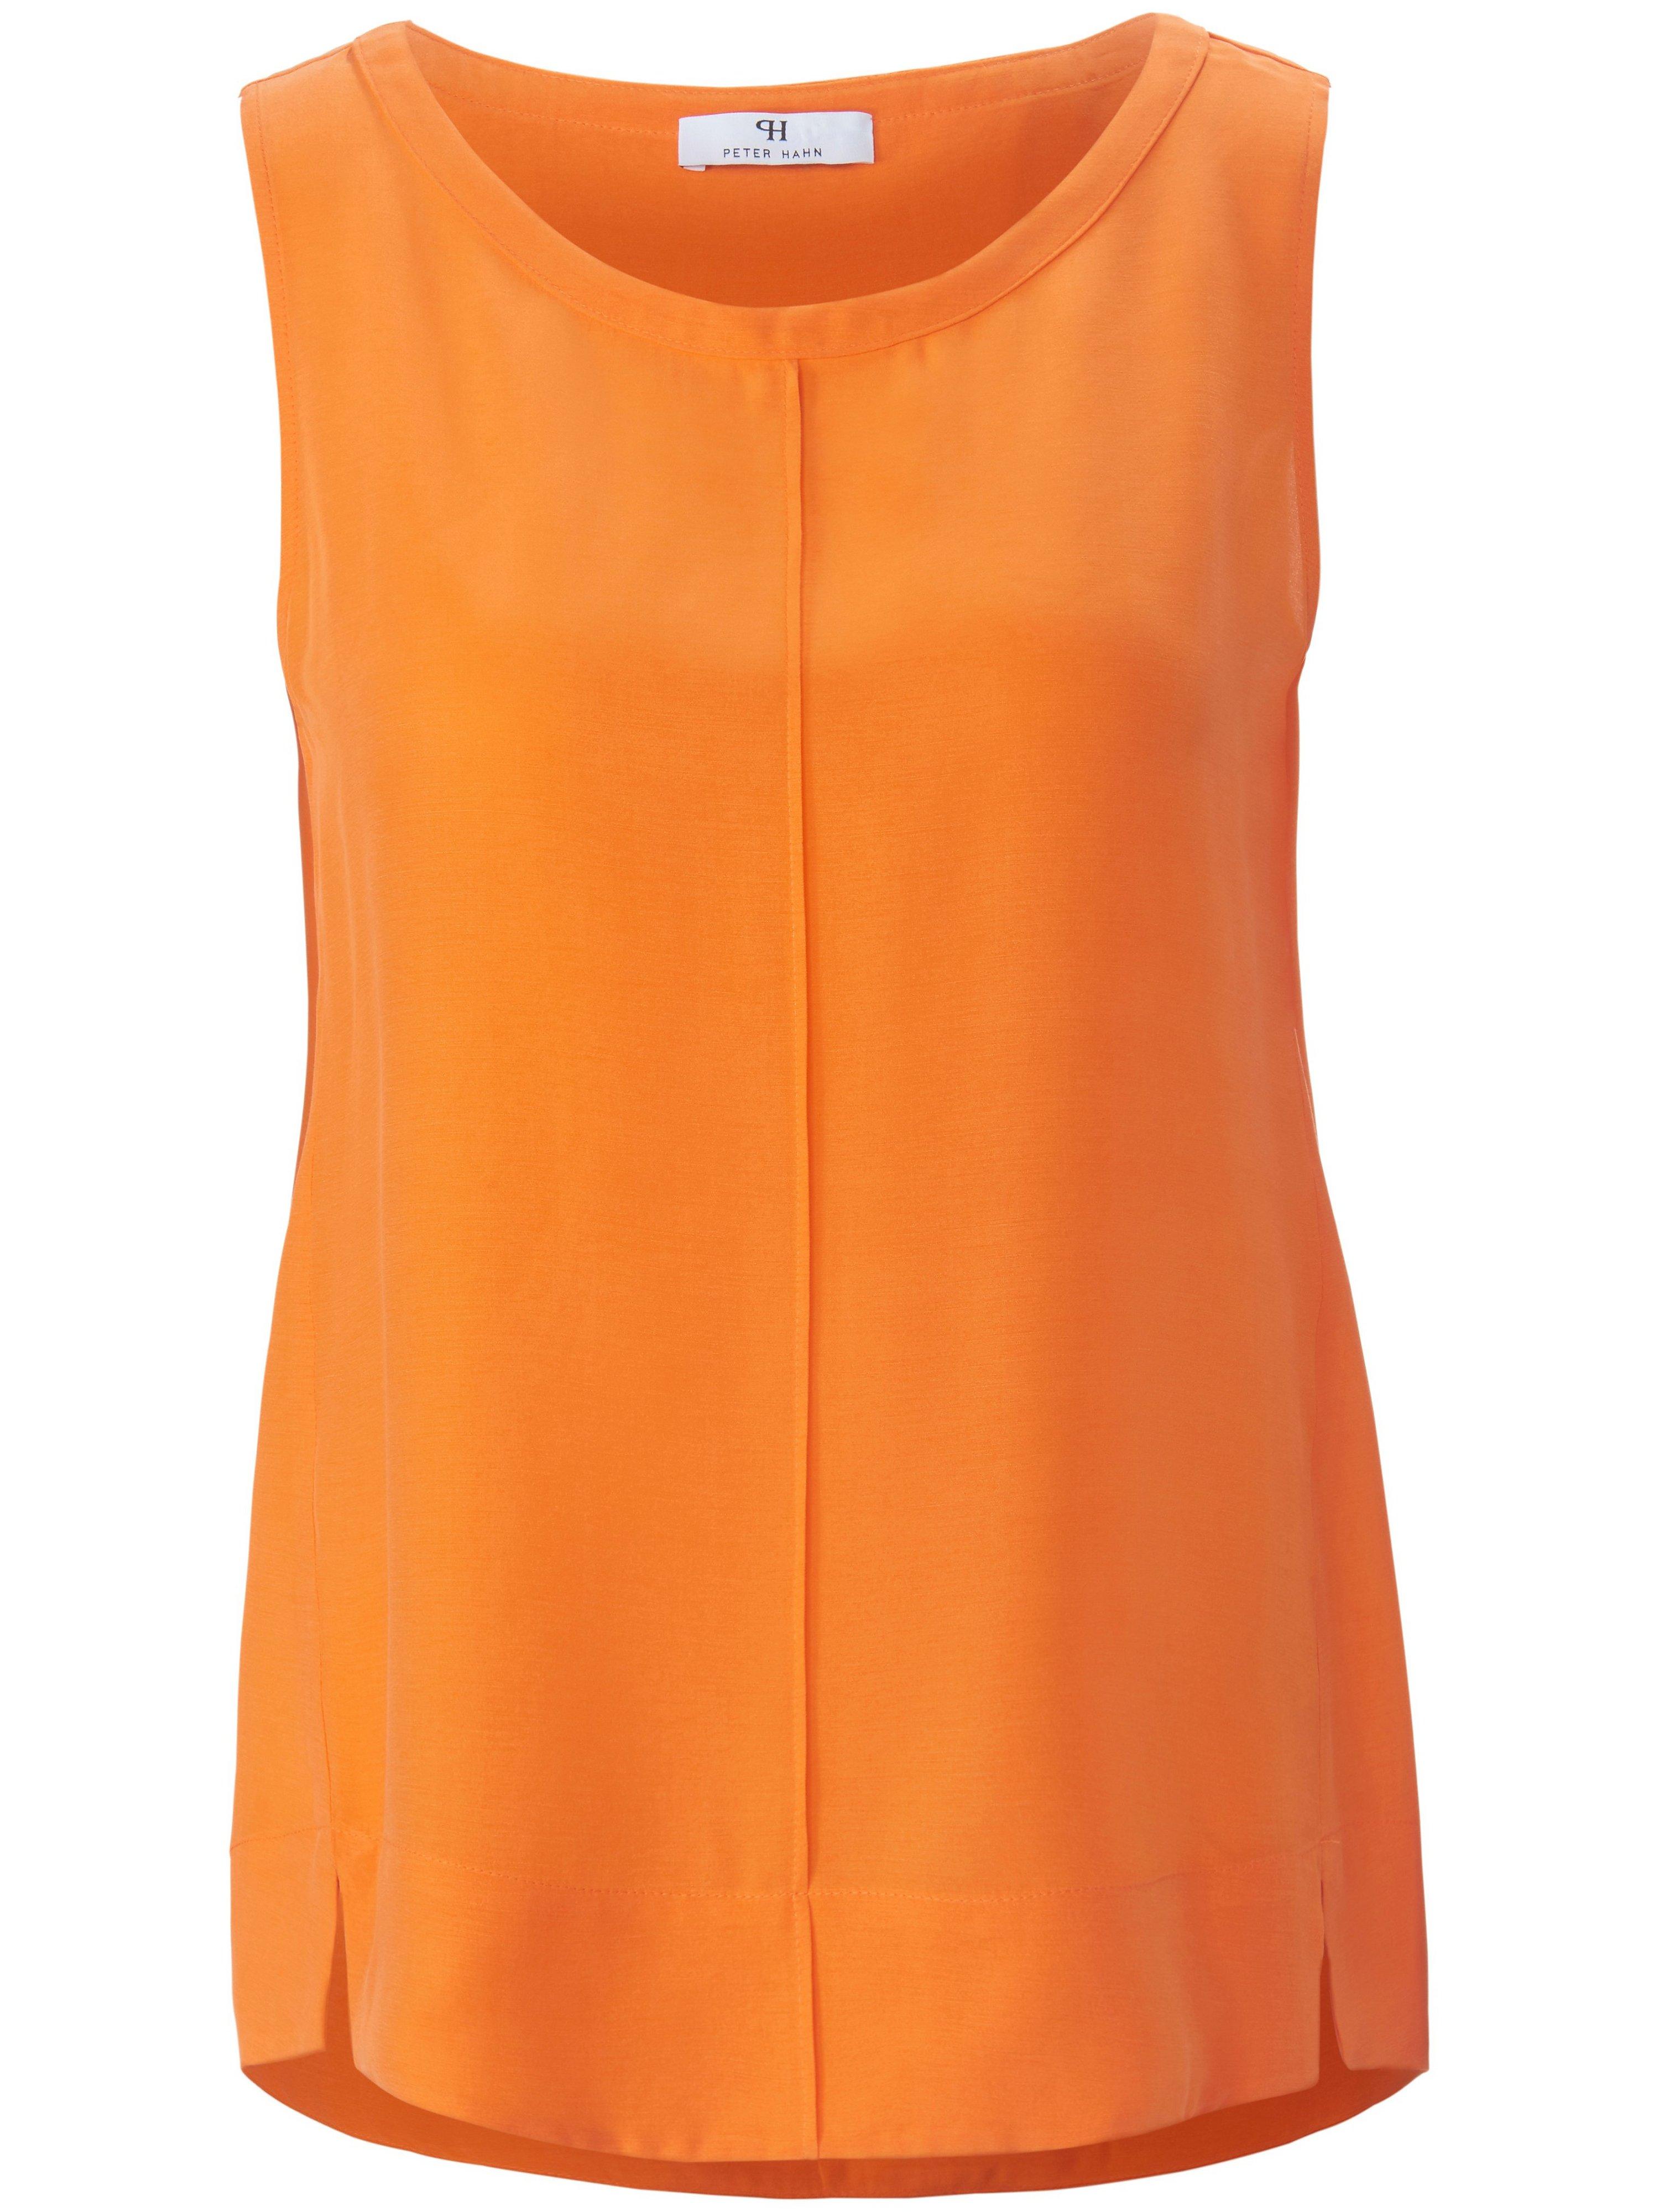 Top in losjes vallend model in lichte A-lijn Van Peter Hahn oranje